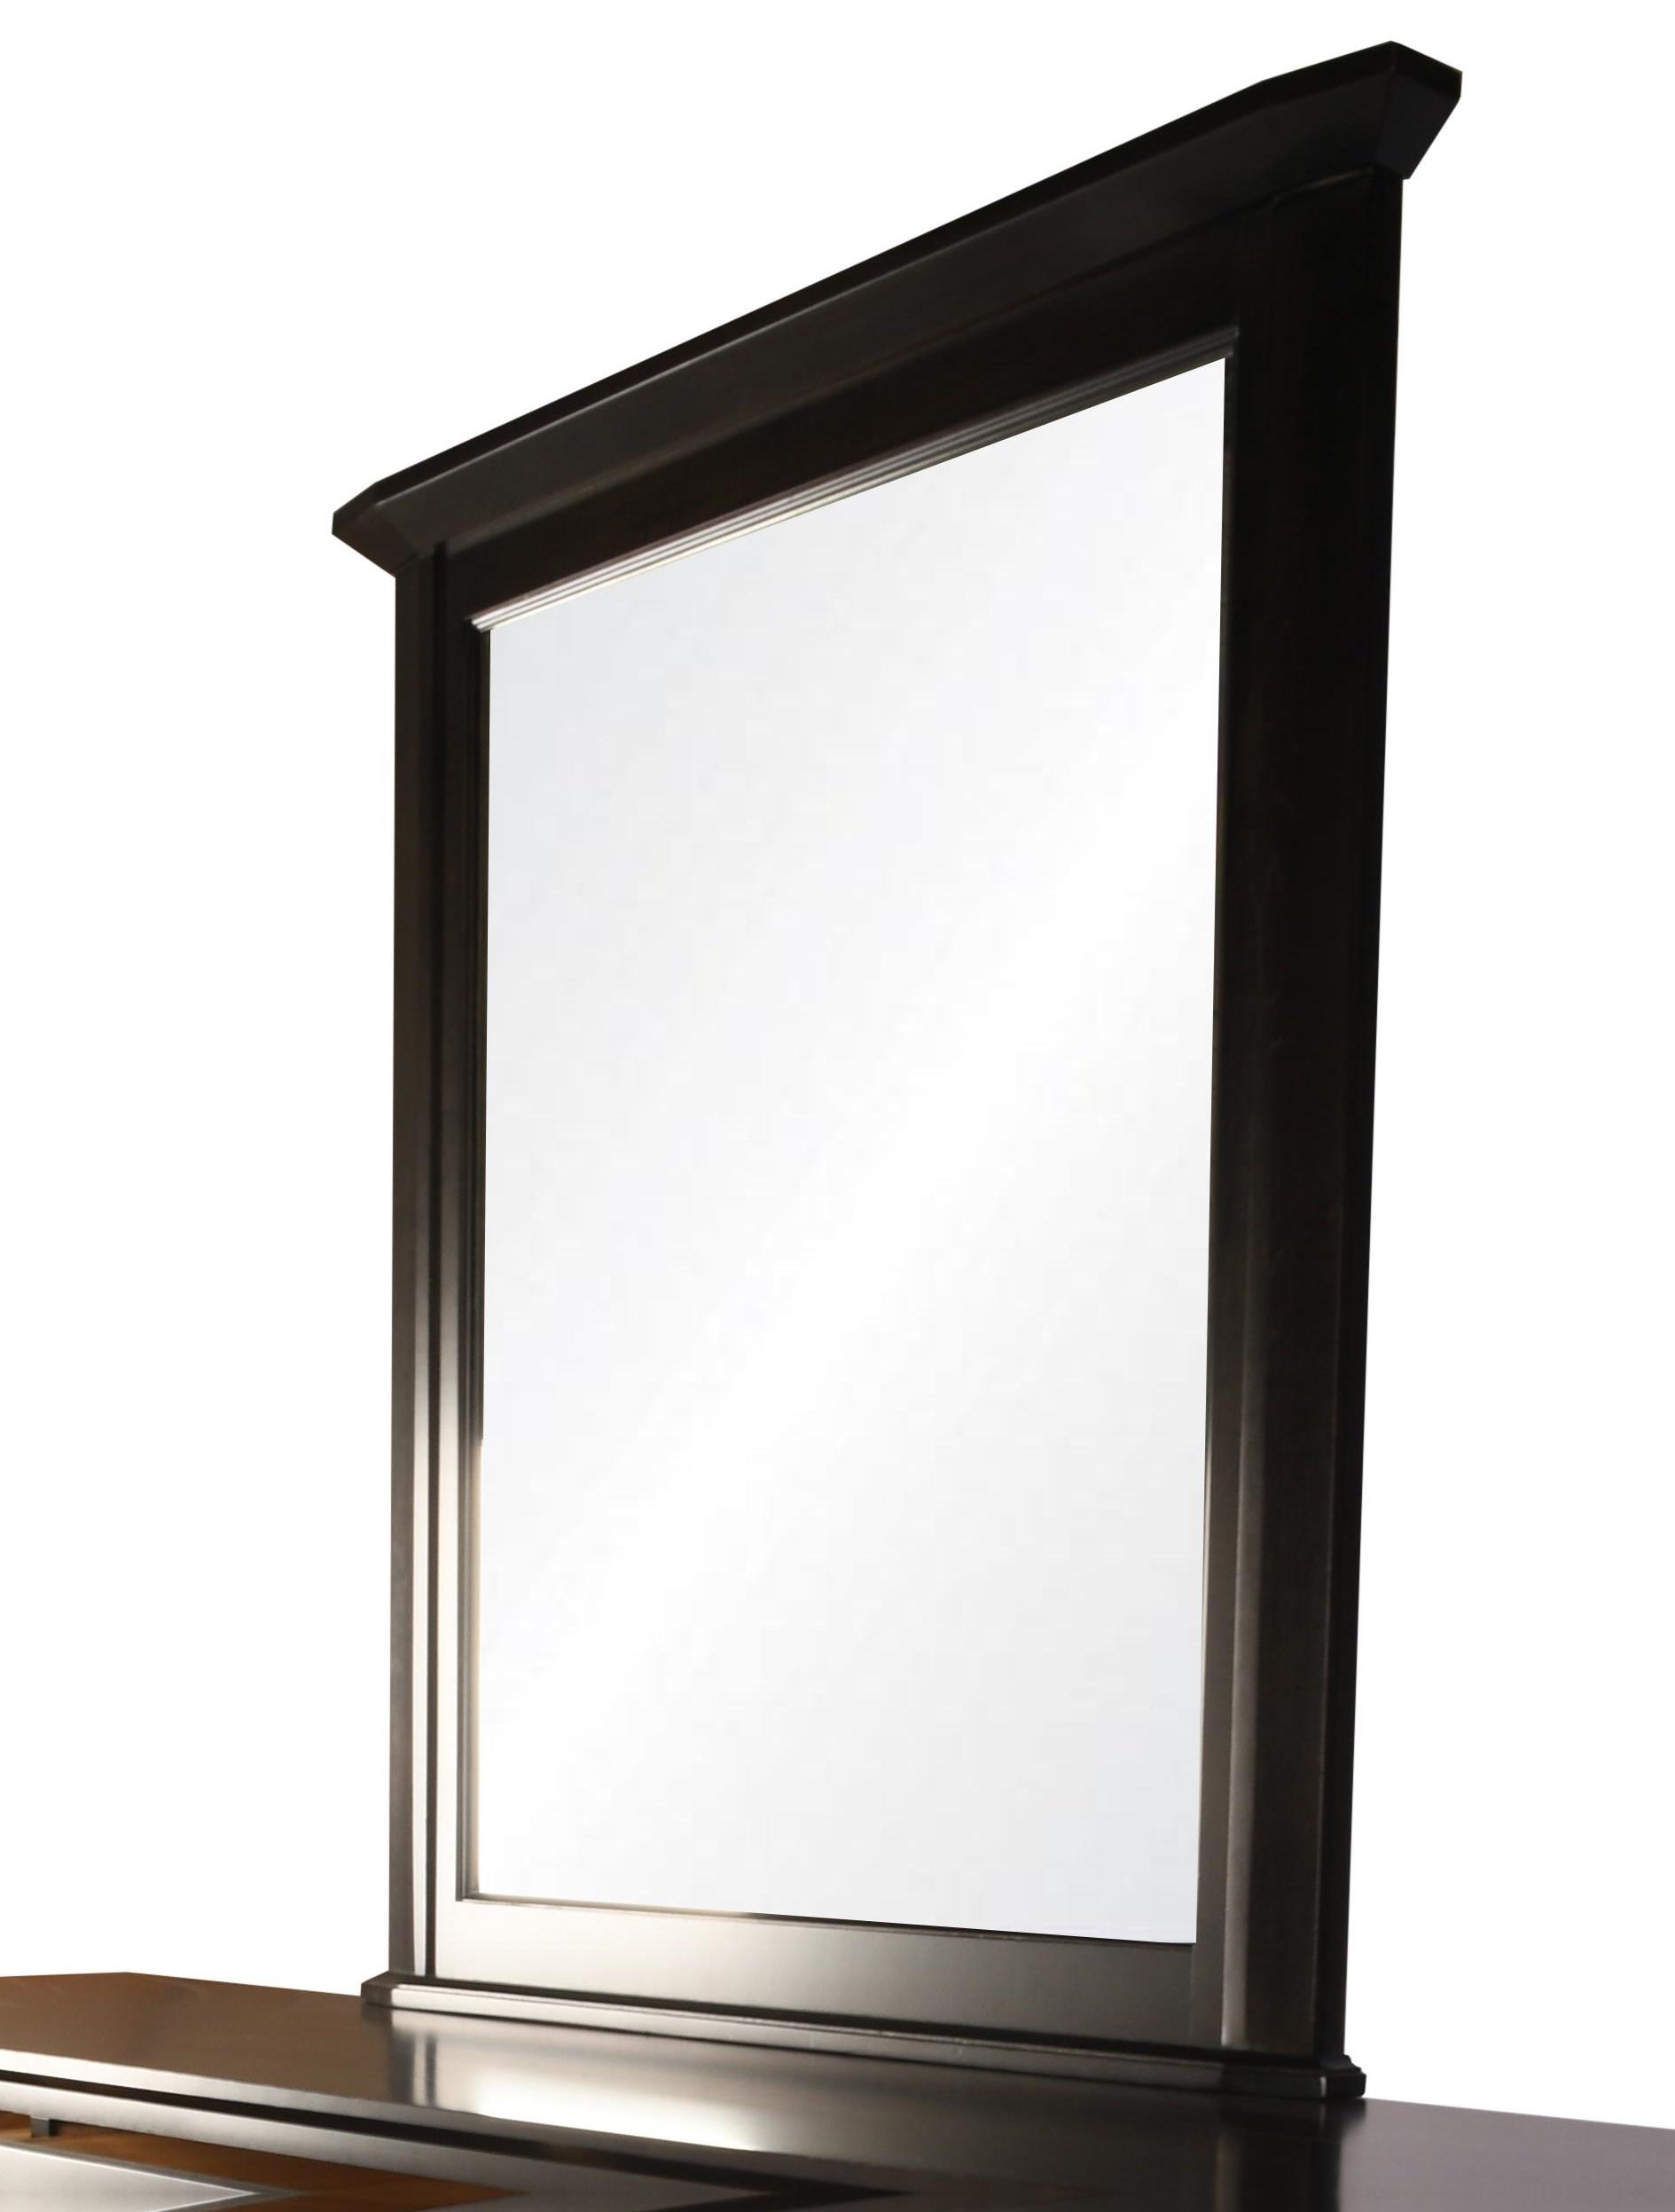 Urbane Mirror by Durham at Bennett's Furniture and Mattresses